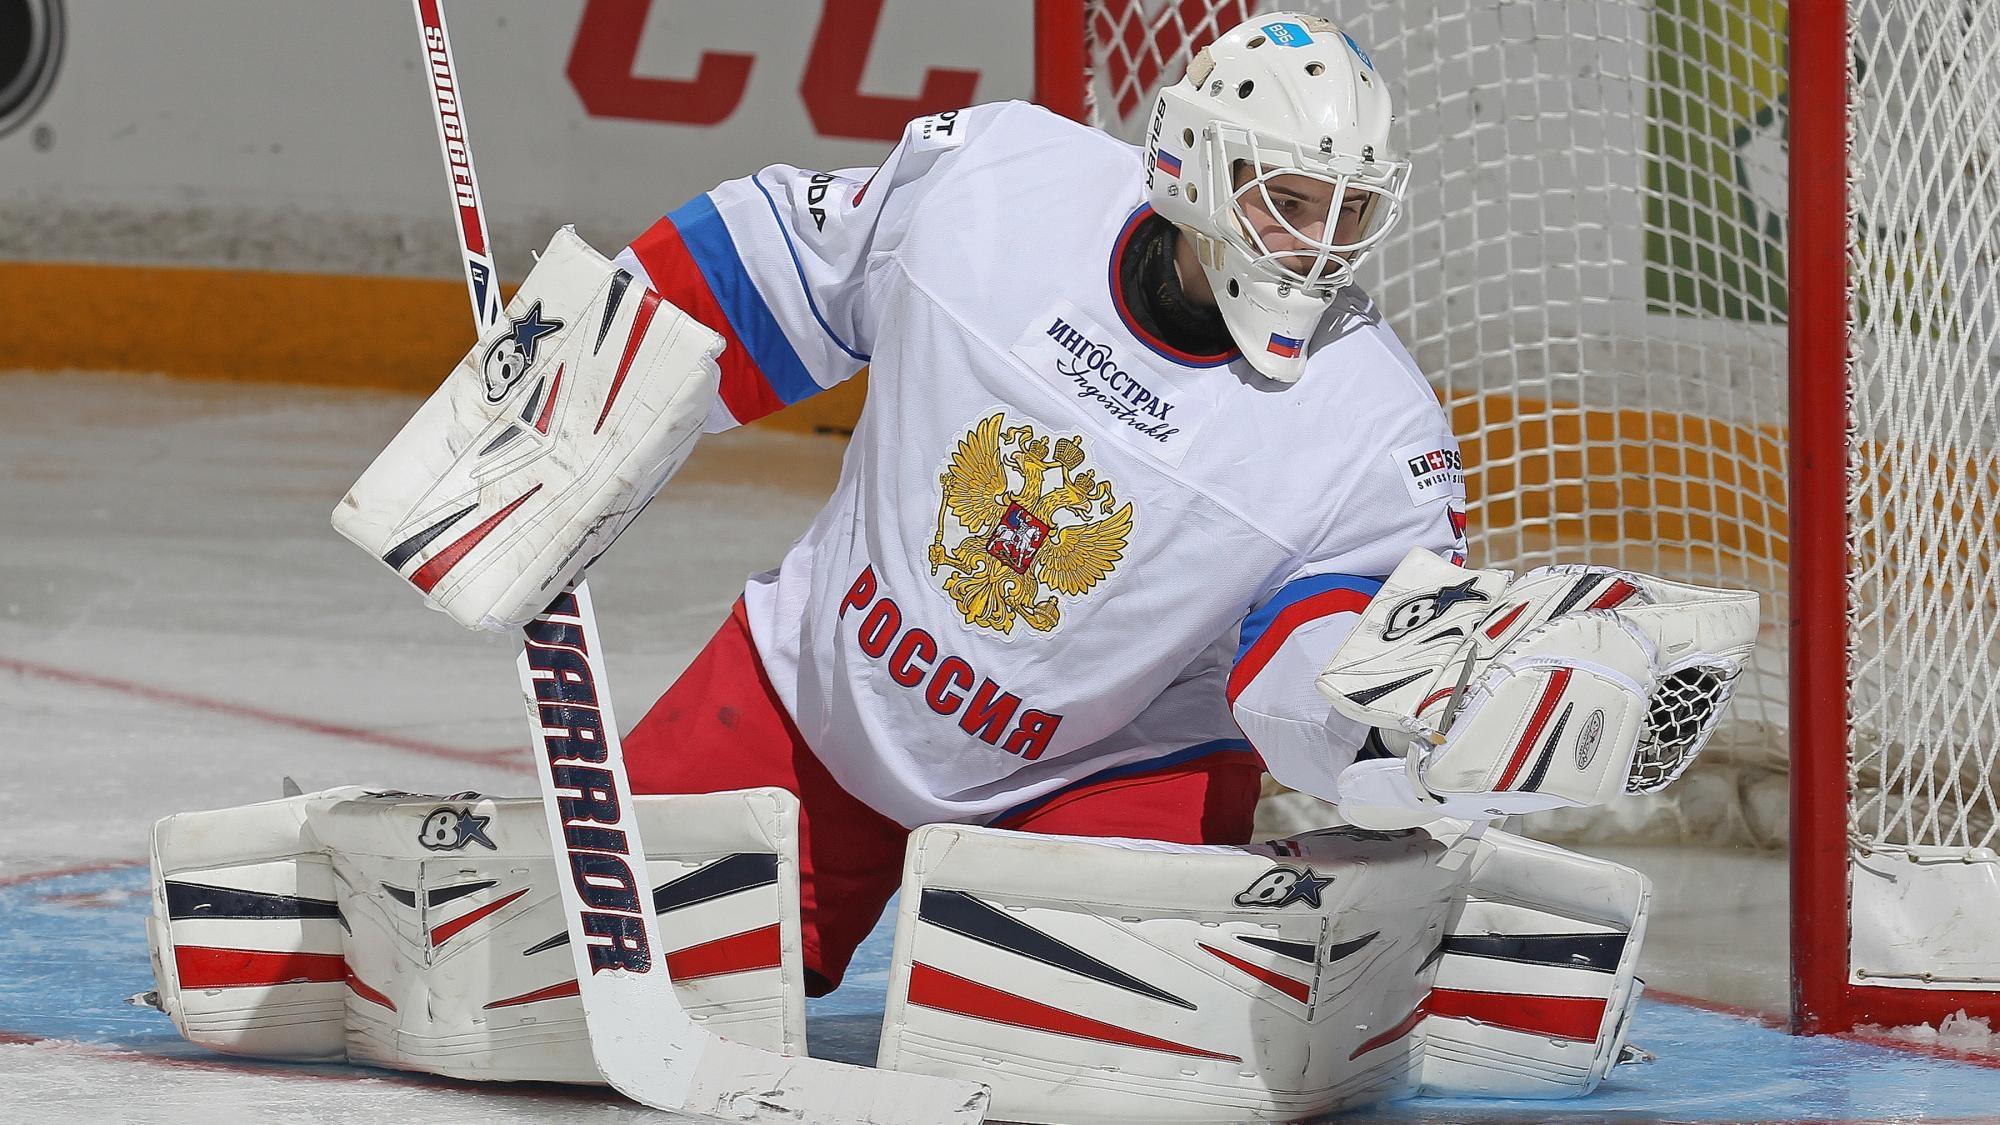 Молодежная сборная РФ похоккею проиграла шведам ввыставочном матче